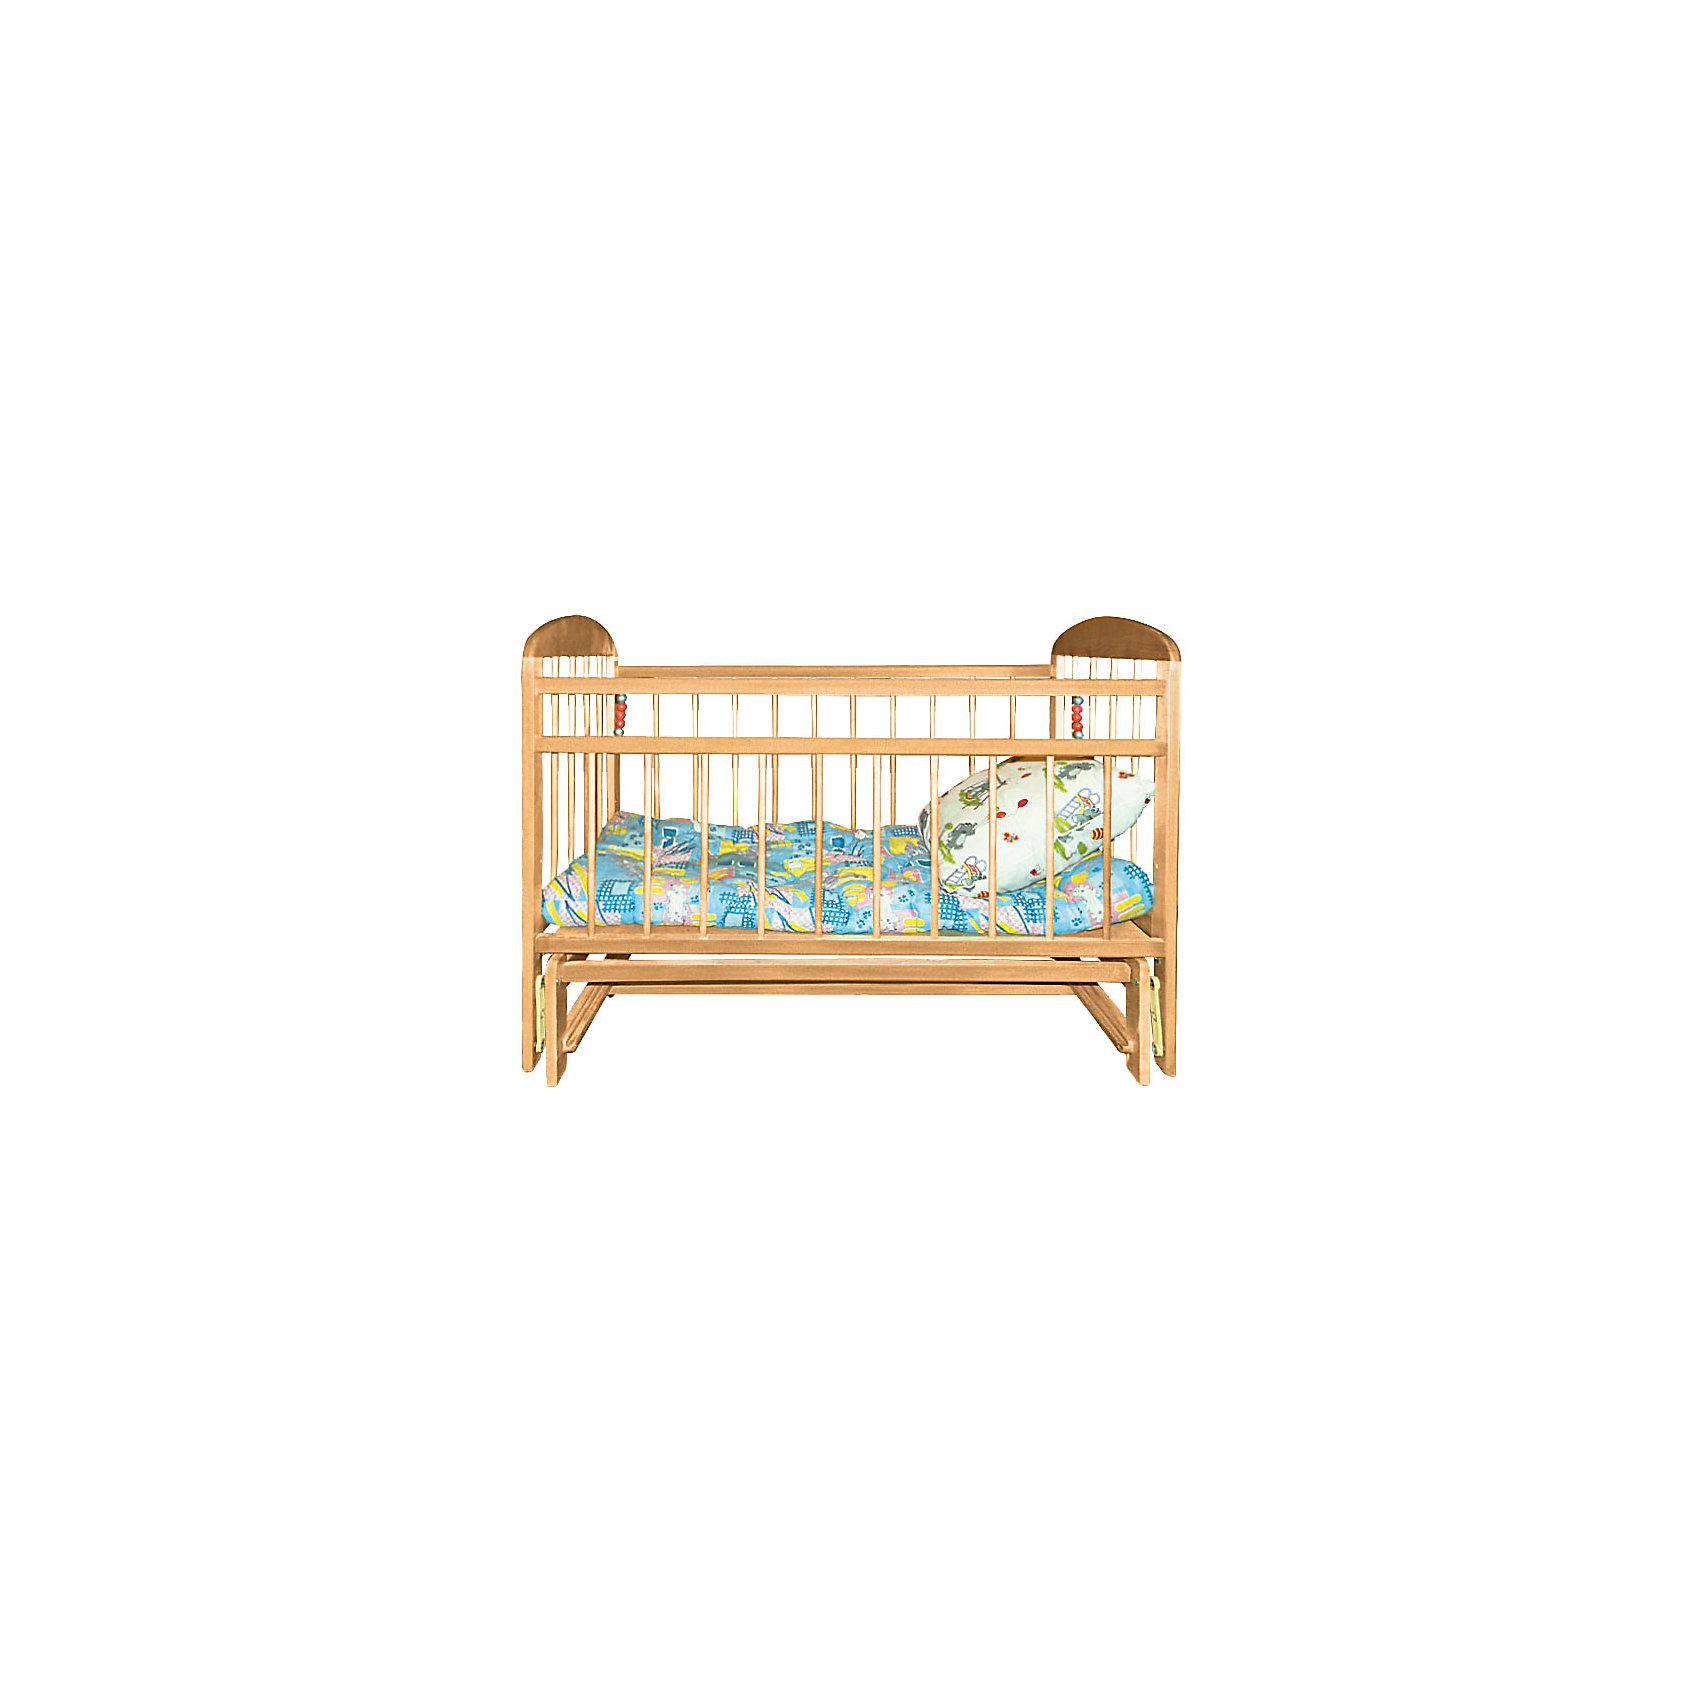 - Кроватка с маятником Мишутка 11, светлая обычная кроватка уренская мебельная фабрика мишутка 14 светлая ящик